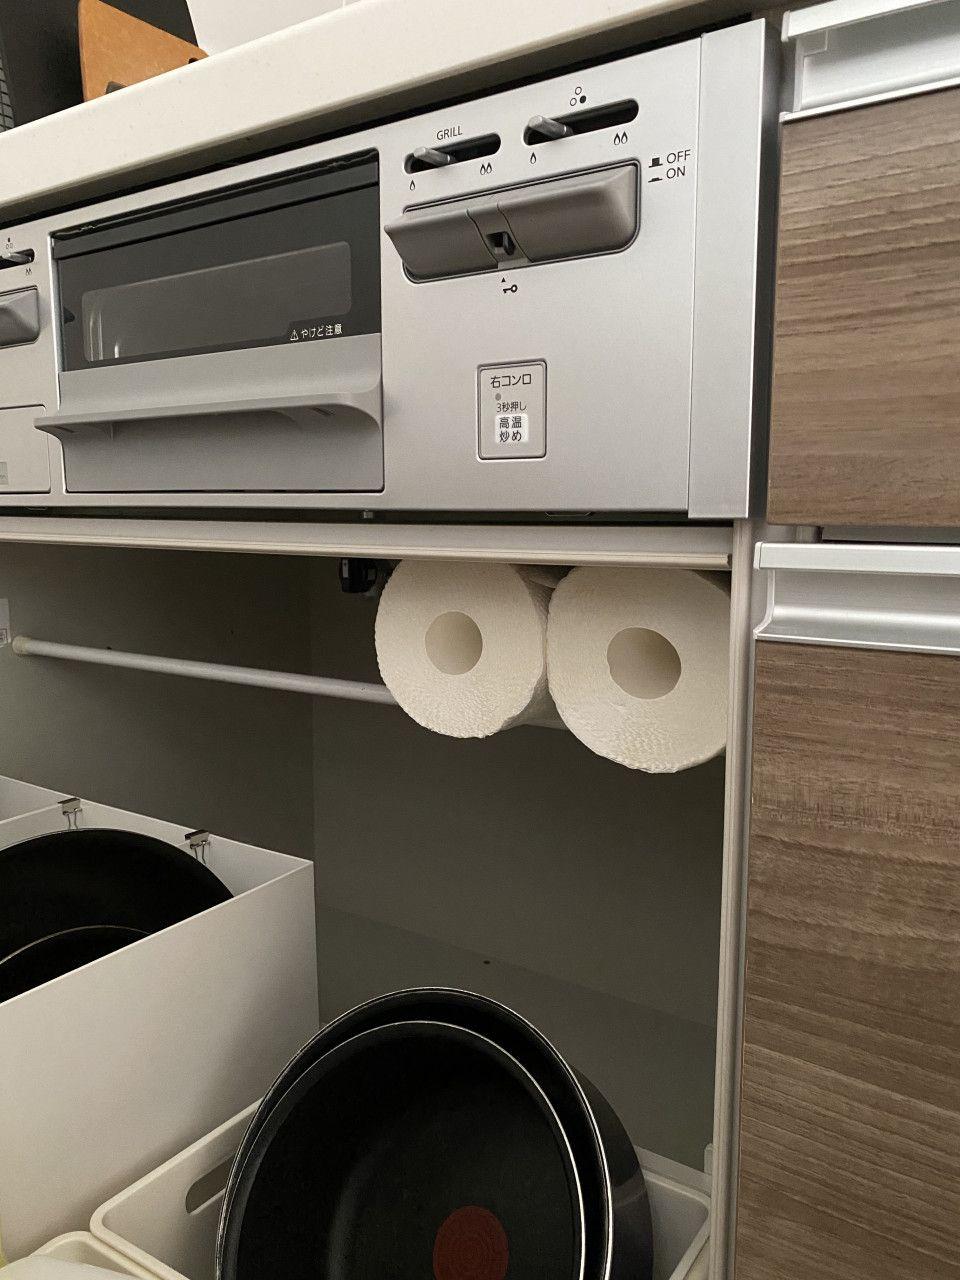 暮らしのインテリア アパートからマンションへ引越し 家事がスムーズに行えるキッチンづくり 2ldkの賃貸暮らし Mari Ppe さん ムクリ Mukuri In 2021 Toilet Paper Holder Paper Holder Toilet Paper